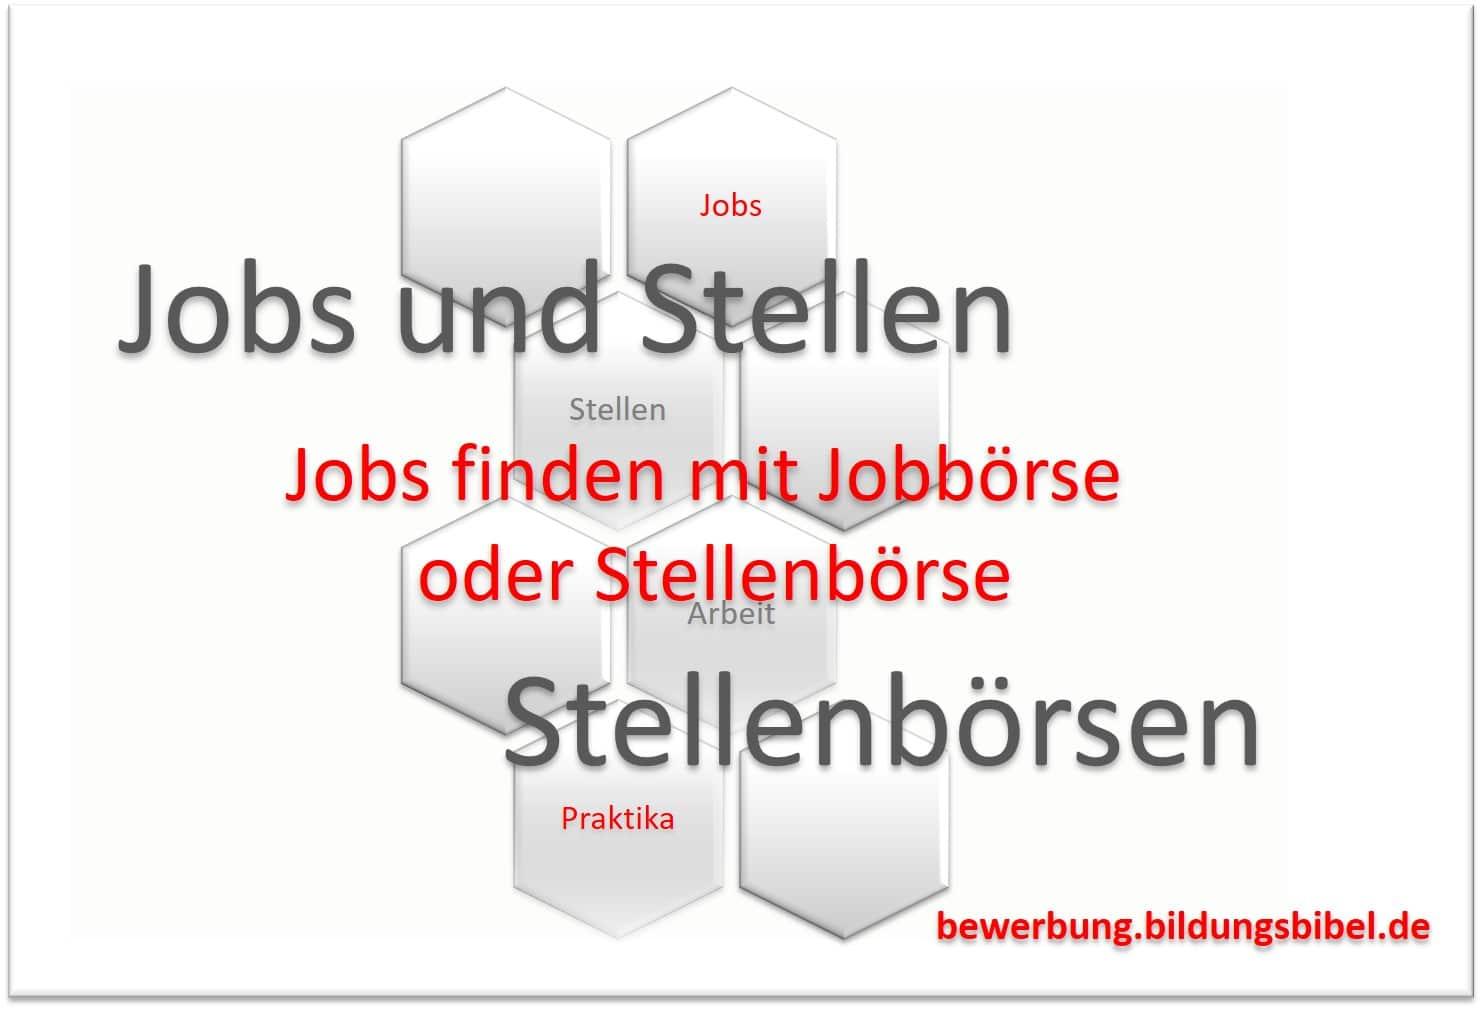 Jobbörsen Übersicht, Jobbörse bzw. Stellenbörse zu Ihrem Beruf oder Branche, Stellenanzeigen sowie Jobs in ganz Deutschland suchen und finden.